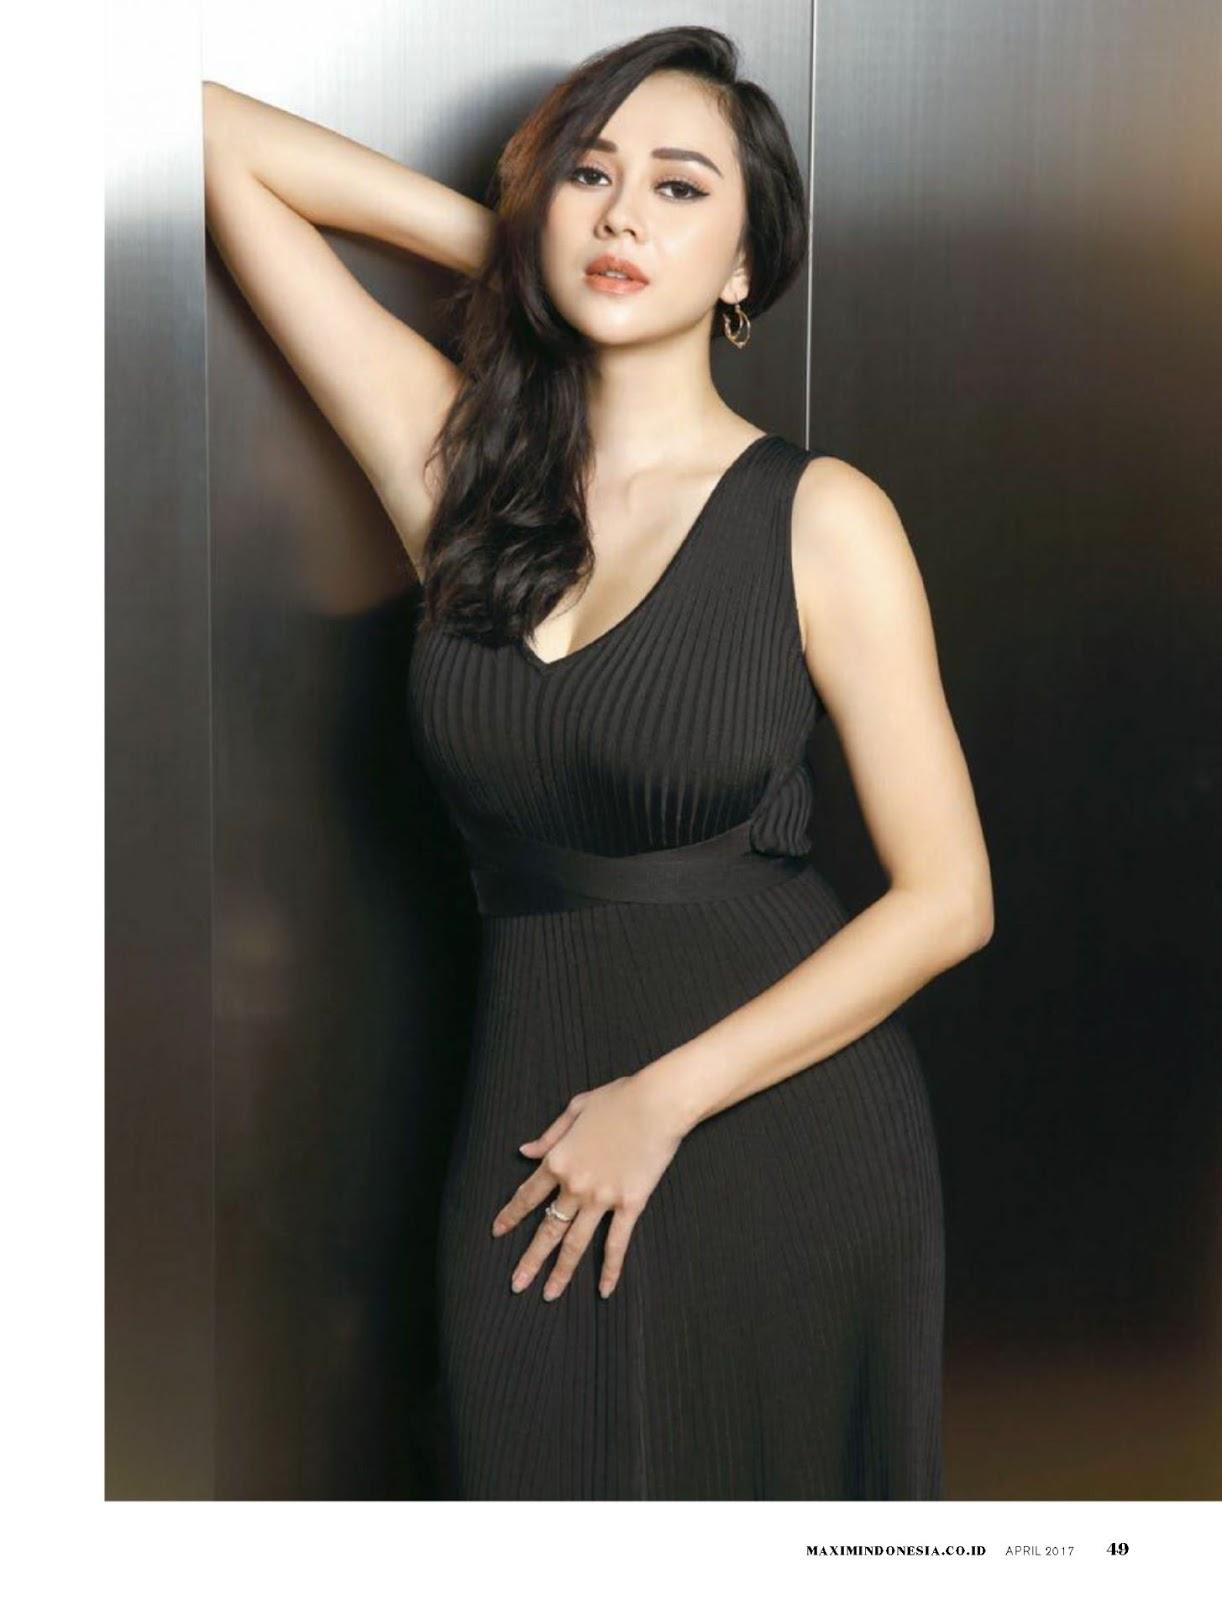 Foto Seksi Terbaru Aura Kasih di Majalah Popular